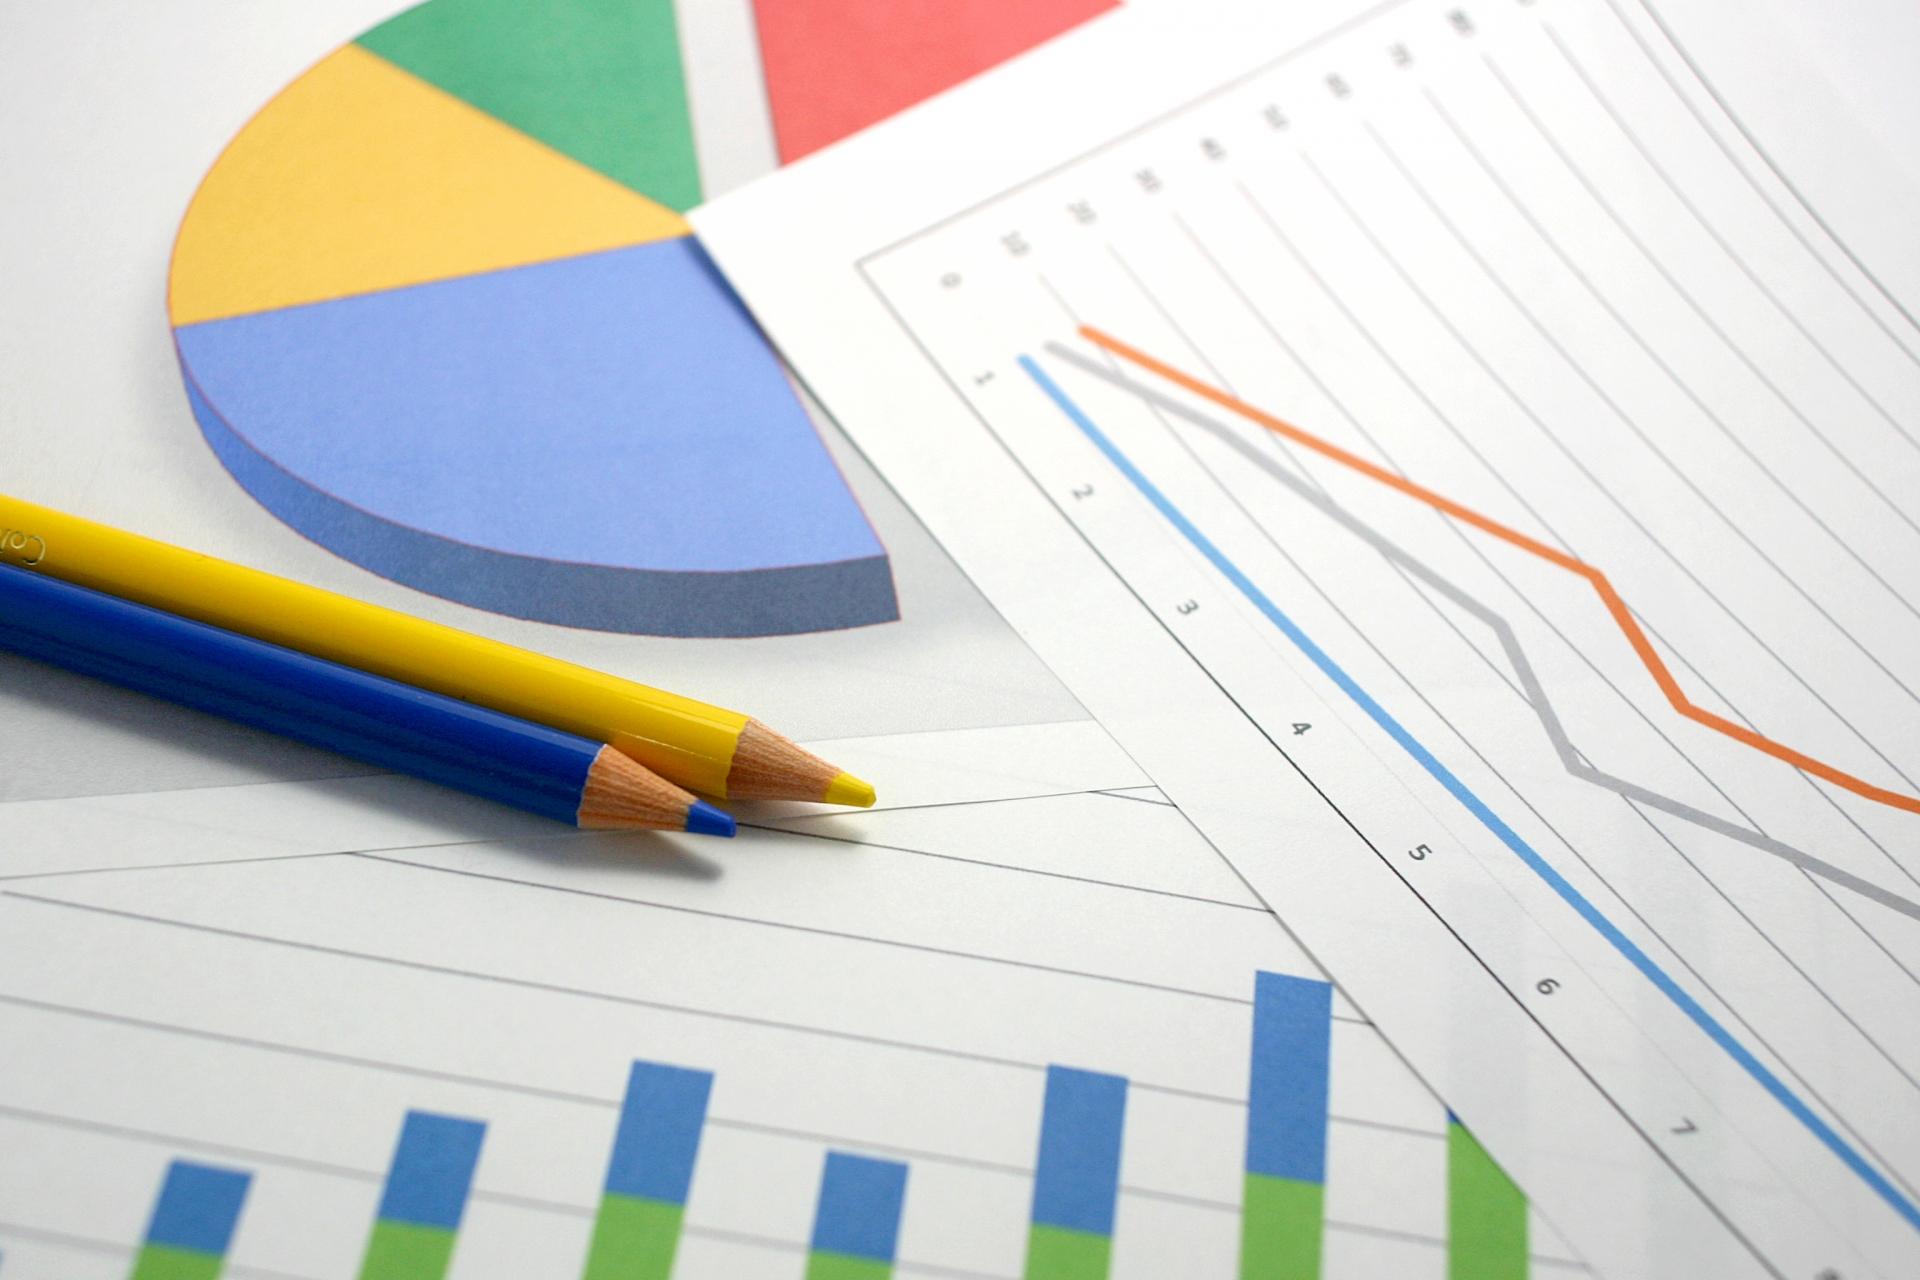 [家計管理] 2017年4月分、年収600万円の我が家の家計簿を大公開。一般家庭はどんな生活をしているのか参考にしてください。